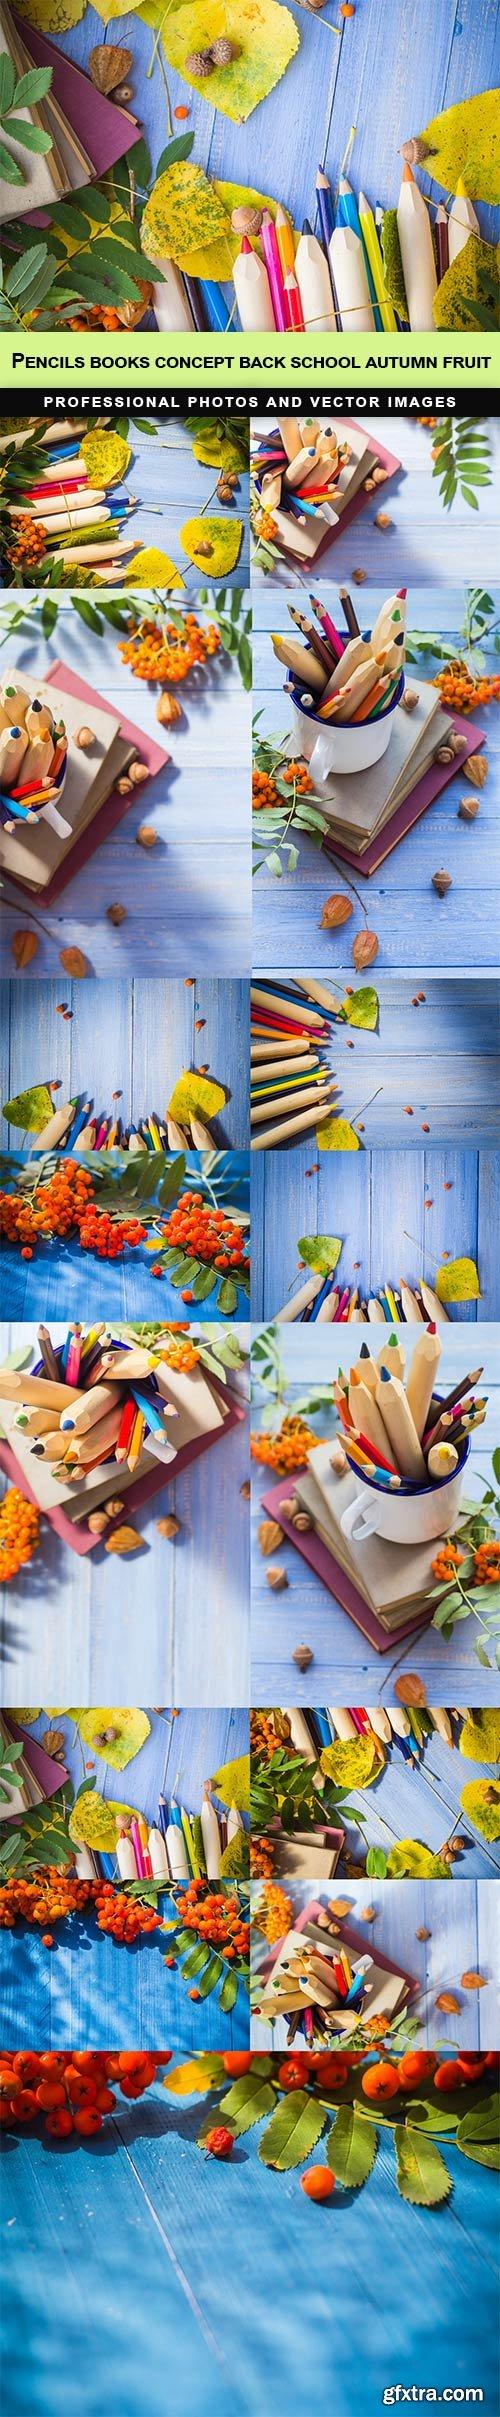 Pencils books concept back school autumn fruit - 15 UHQ JPEG